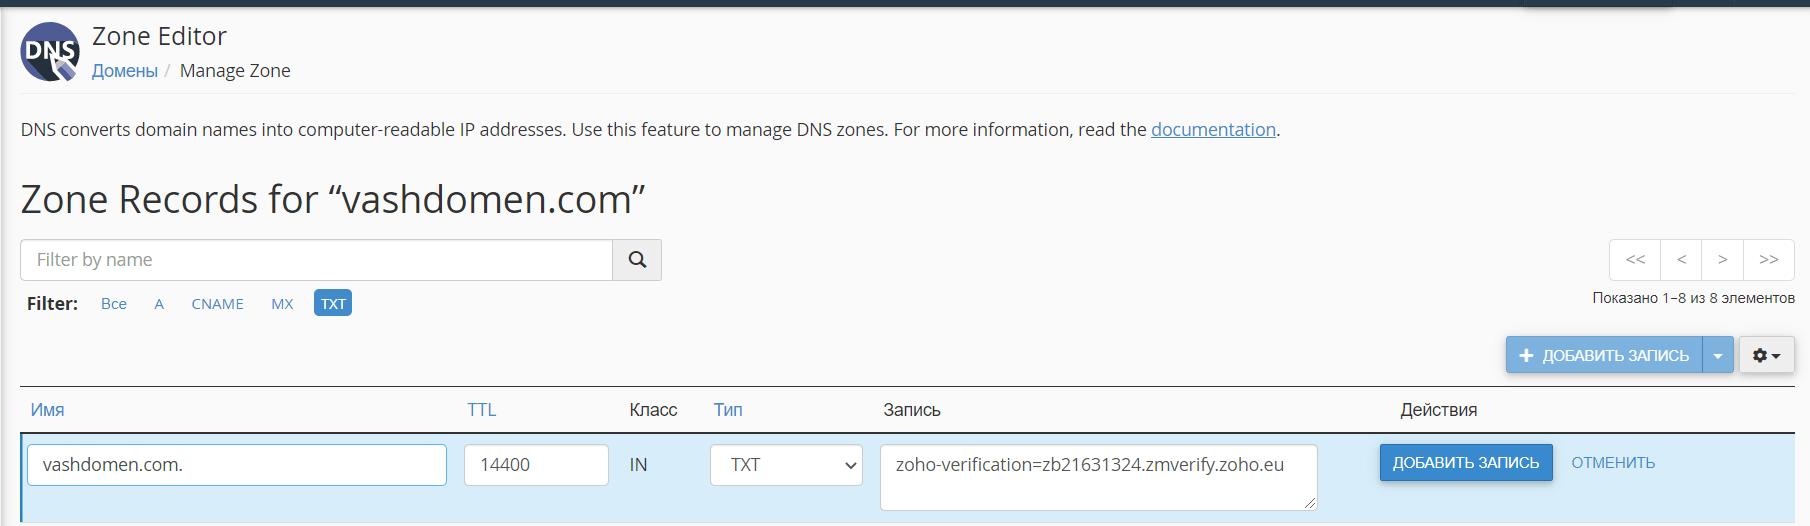 Как открыть корпоративную почту. Создаём верификационную TXT-запись в панели управления хостингом cPanel.